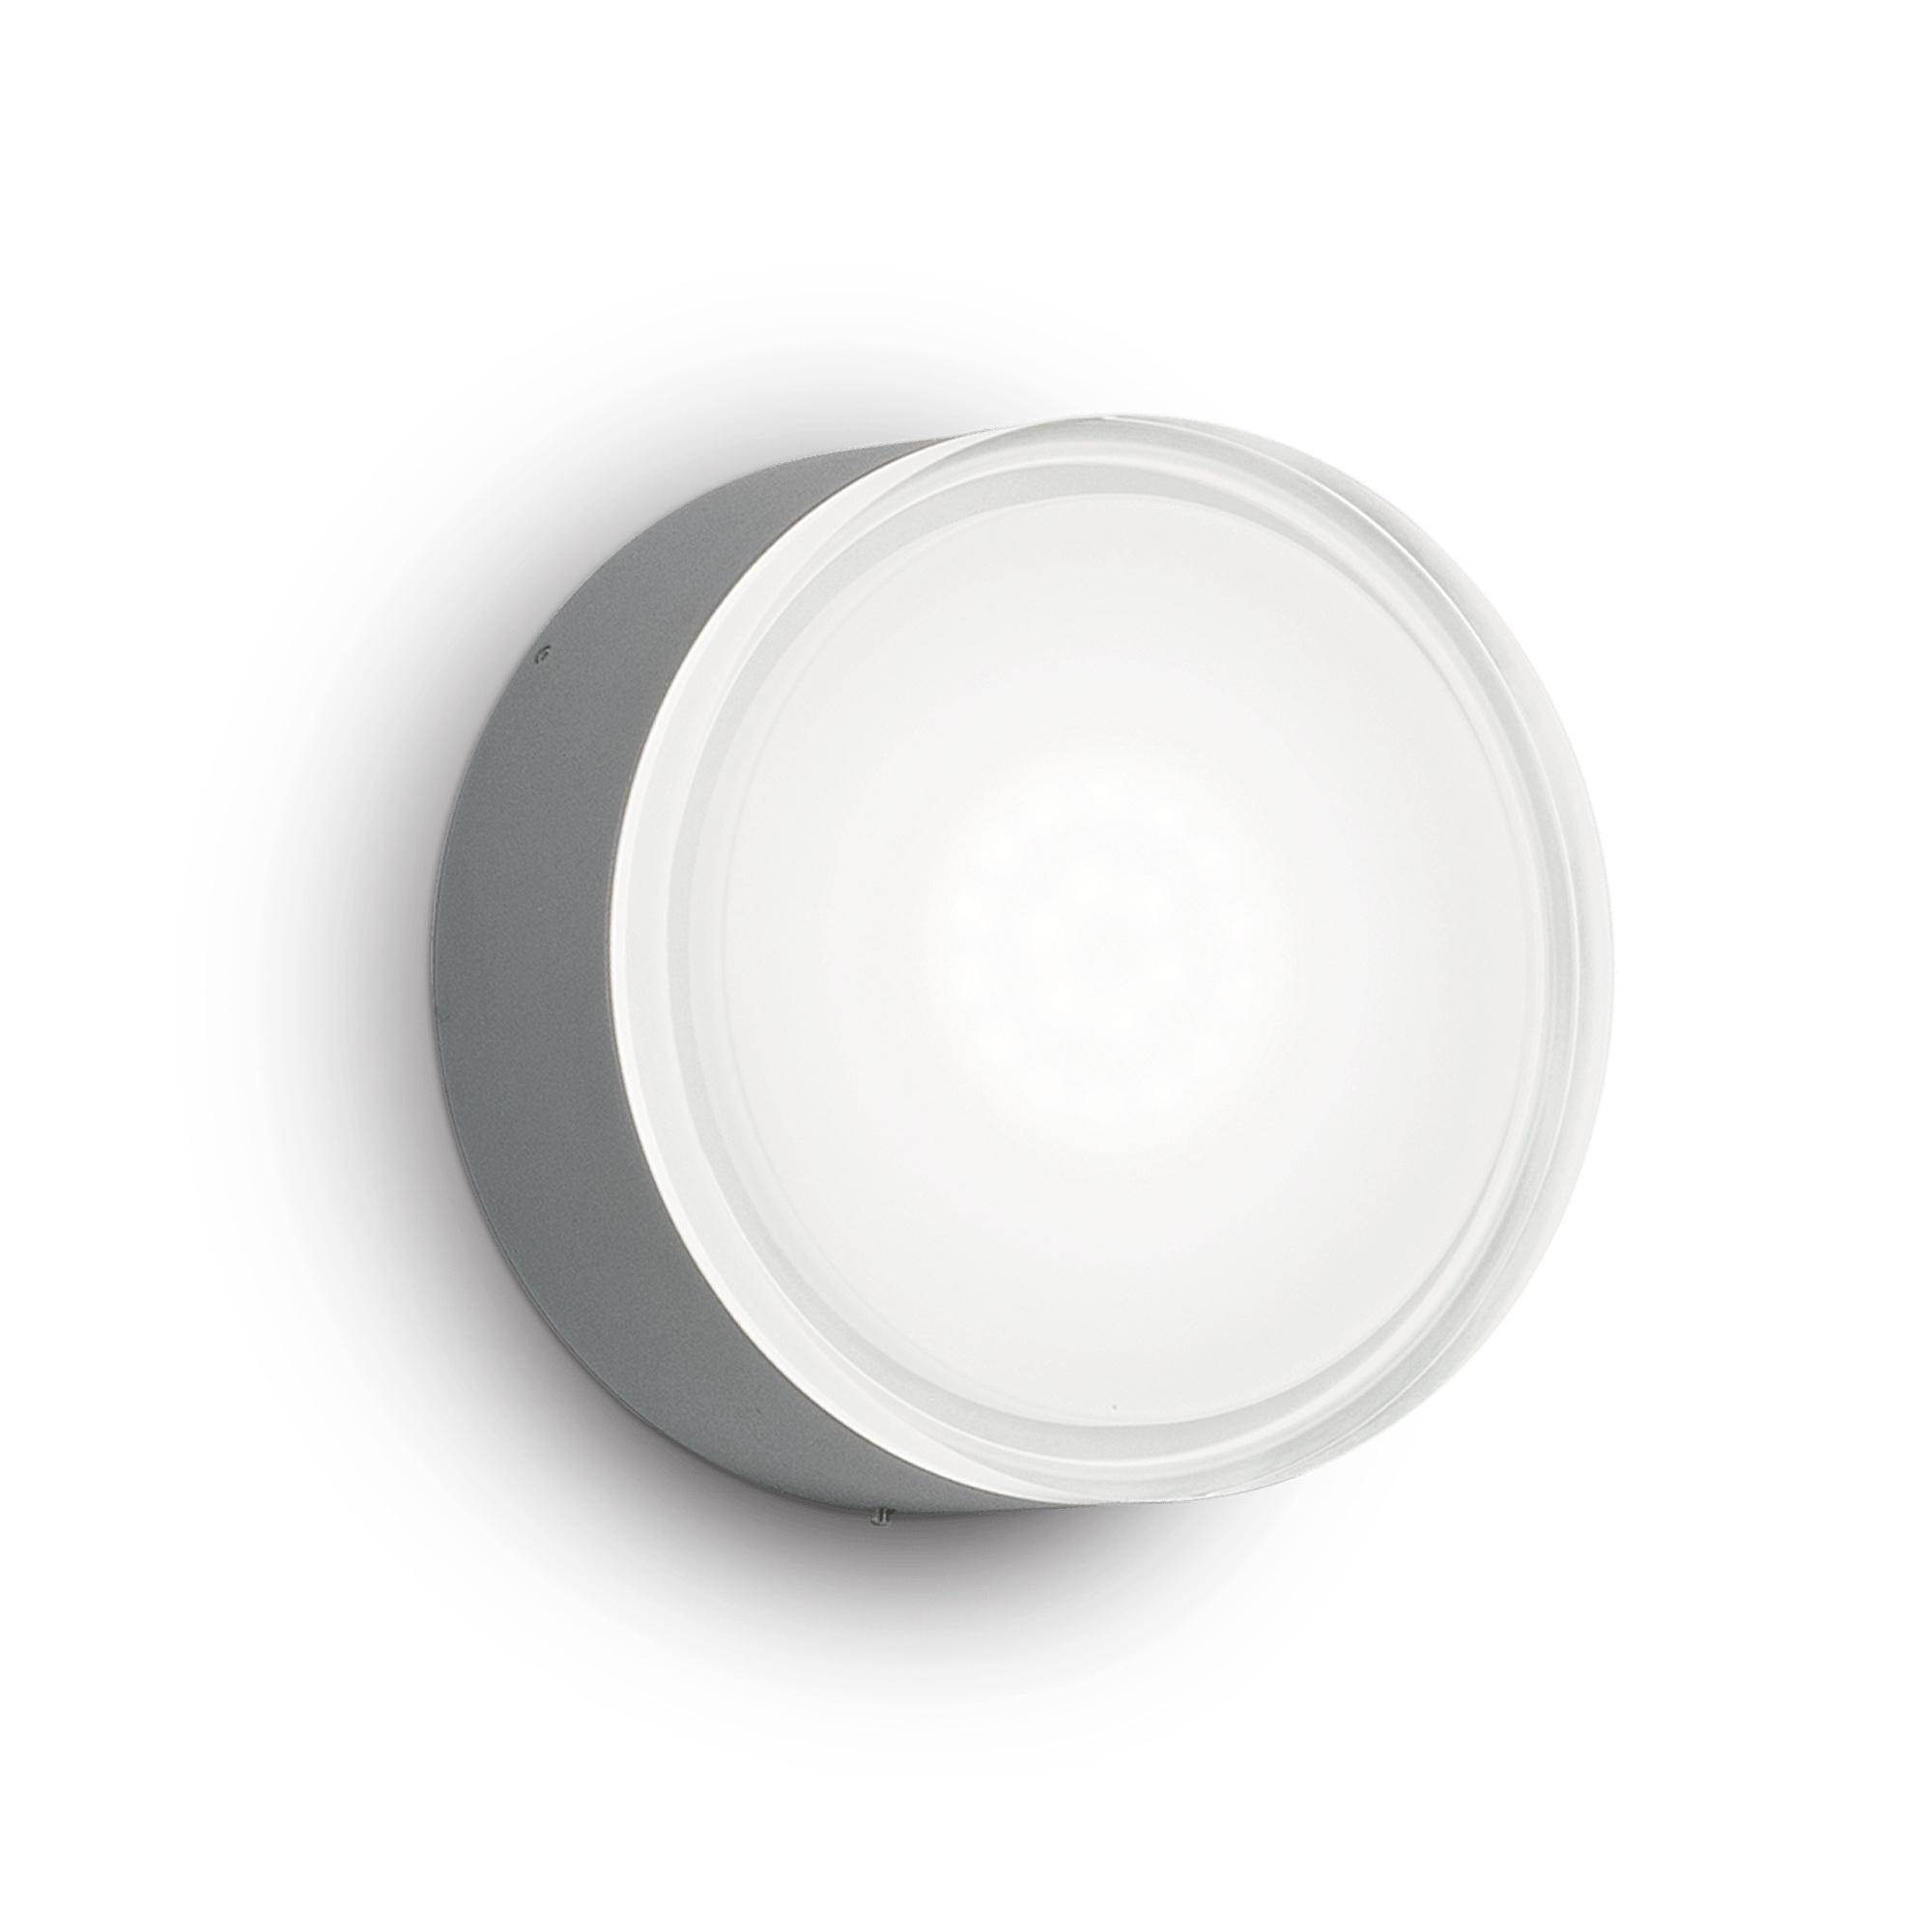 URANO PL1 BIG ANTRACITE уличный потолочный светильник